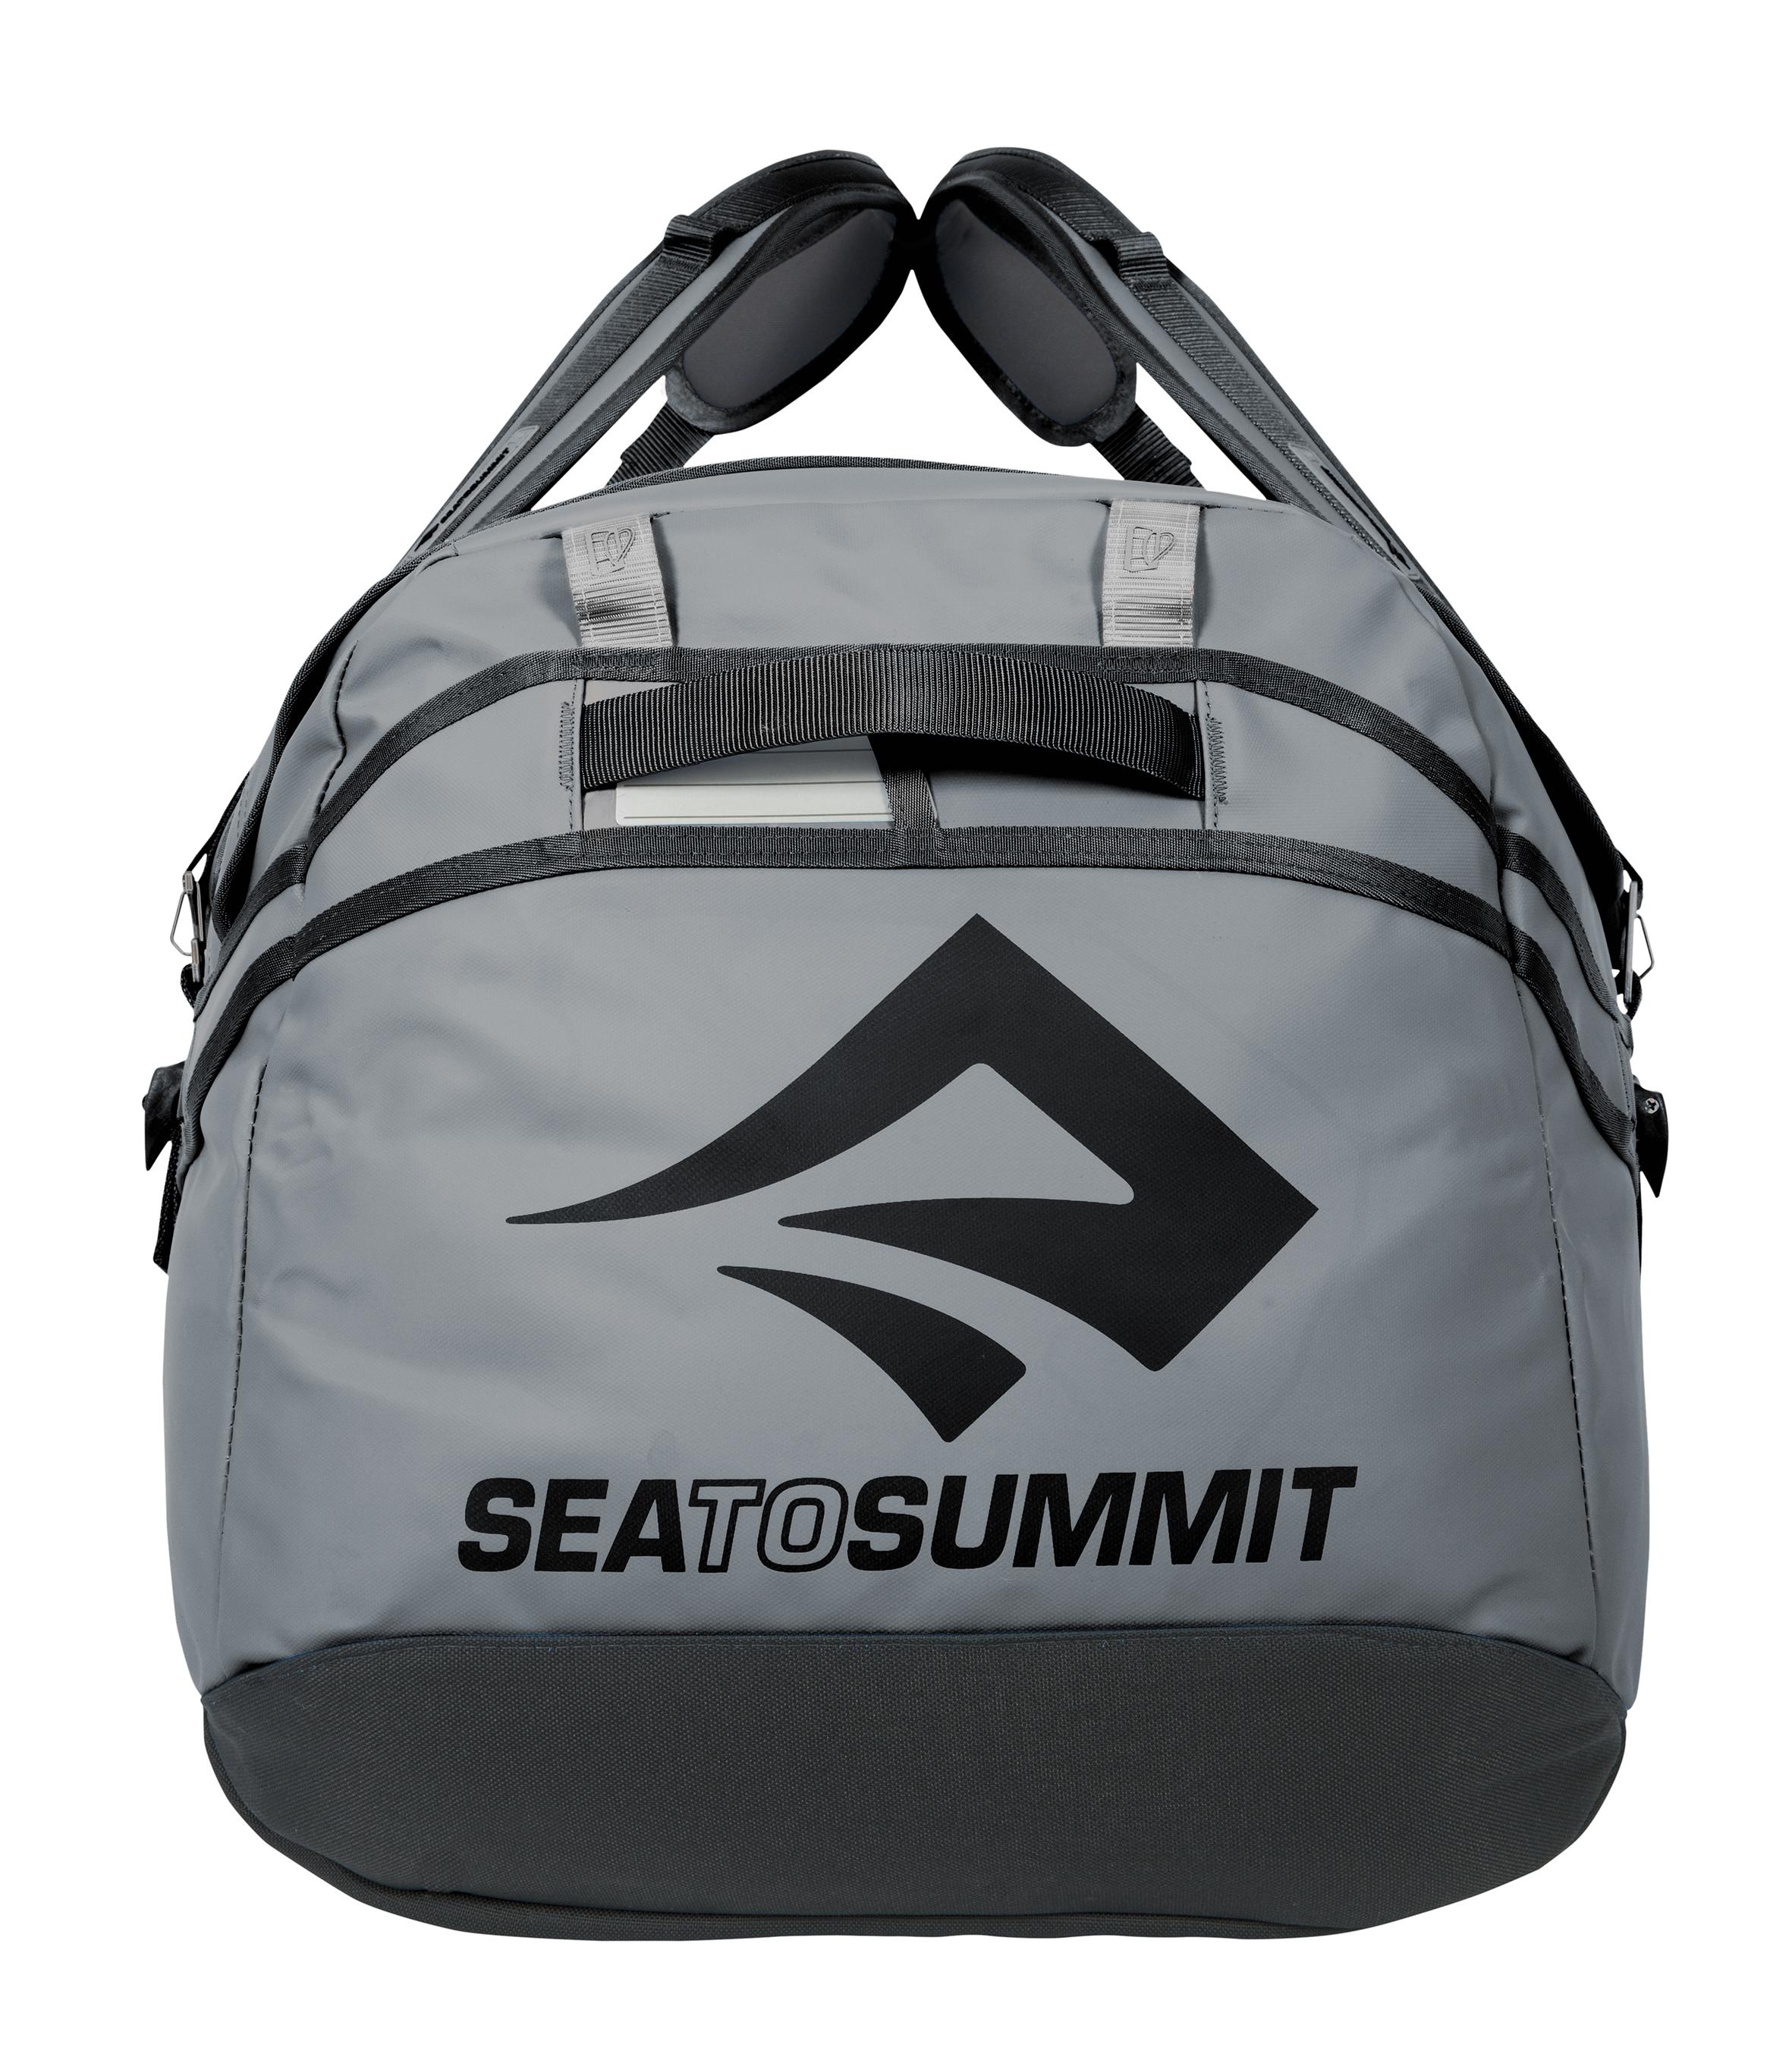 Сумка-баул Sea To Summit Duffle 130L Sea To Summit — фото 3